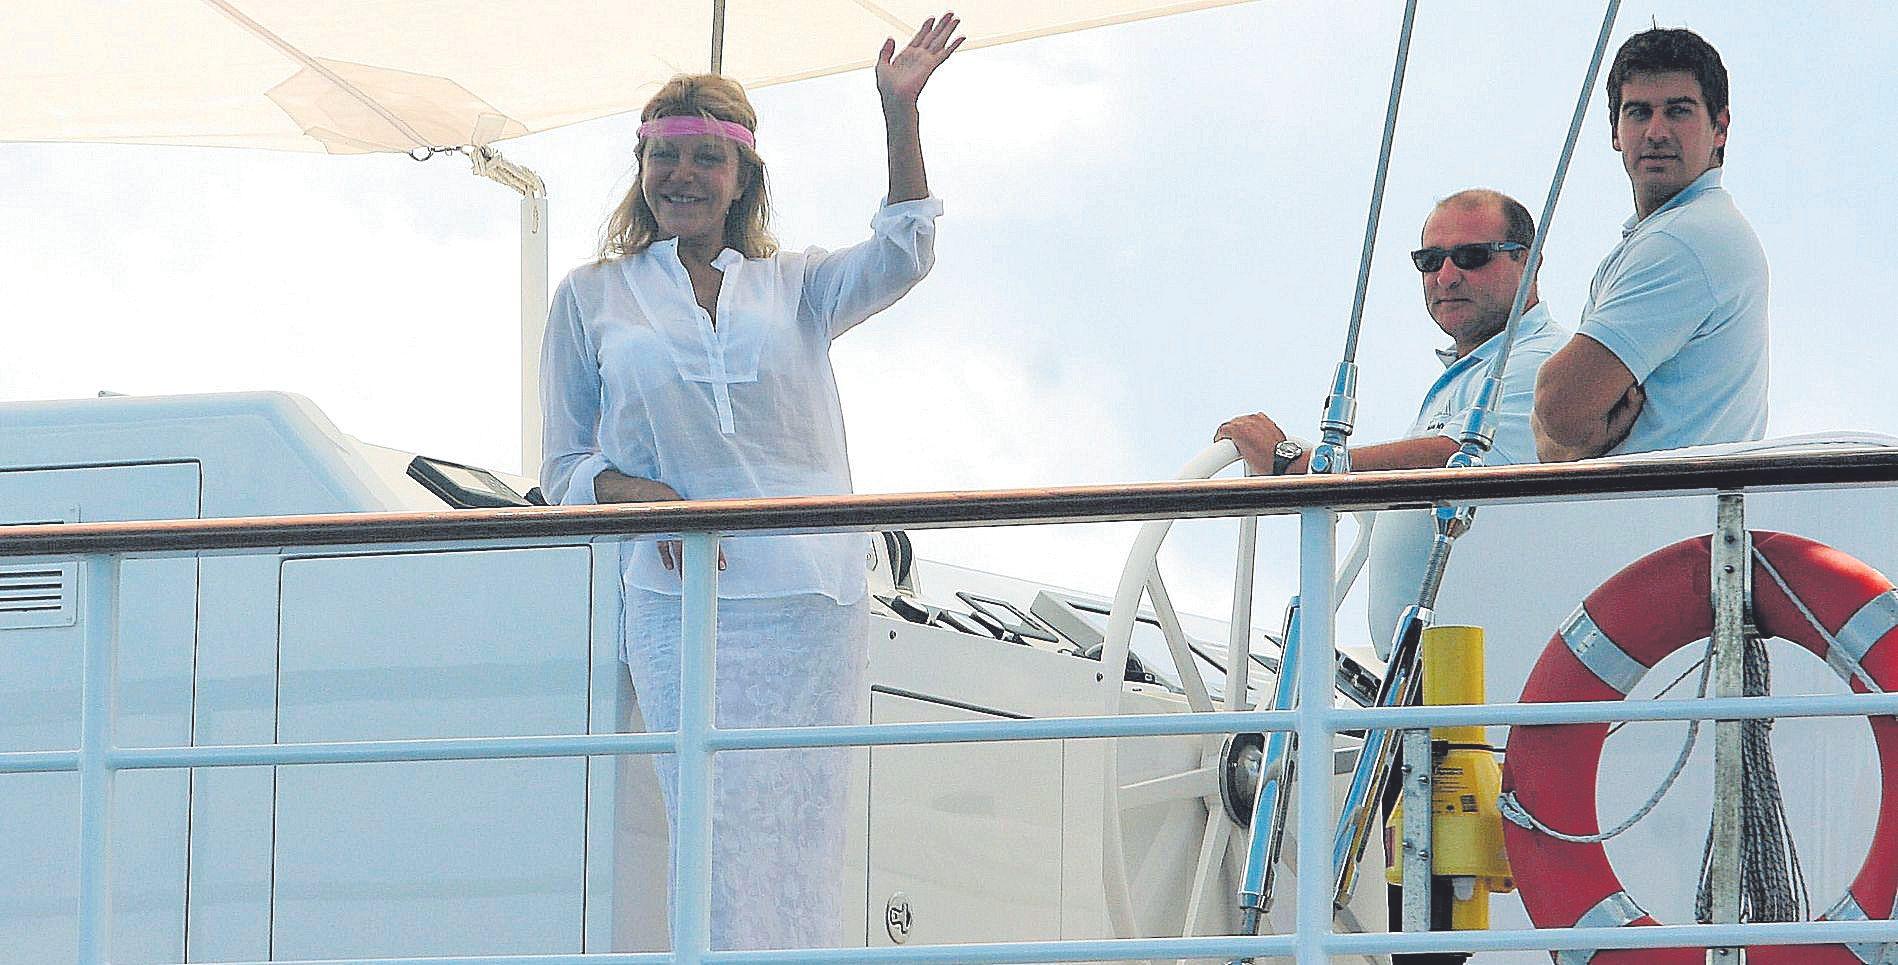 Carmen Thyssen, que adquirió una villa en el Terreno palmesano, fue inseparable del verano mallorquín.